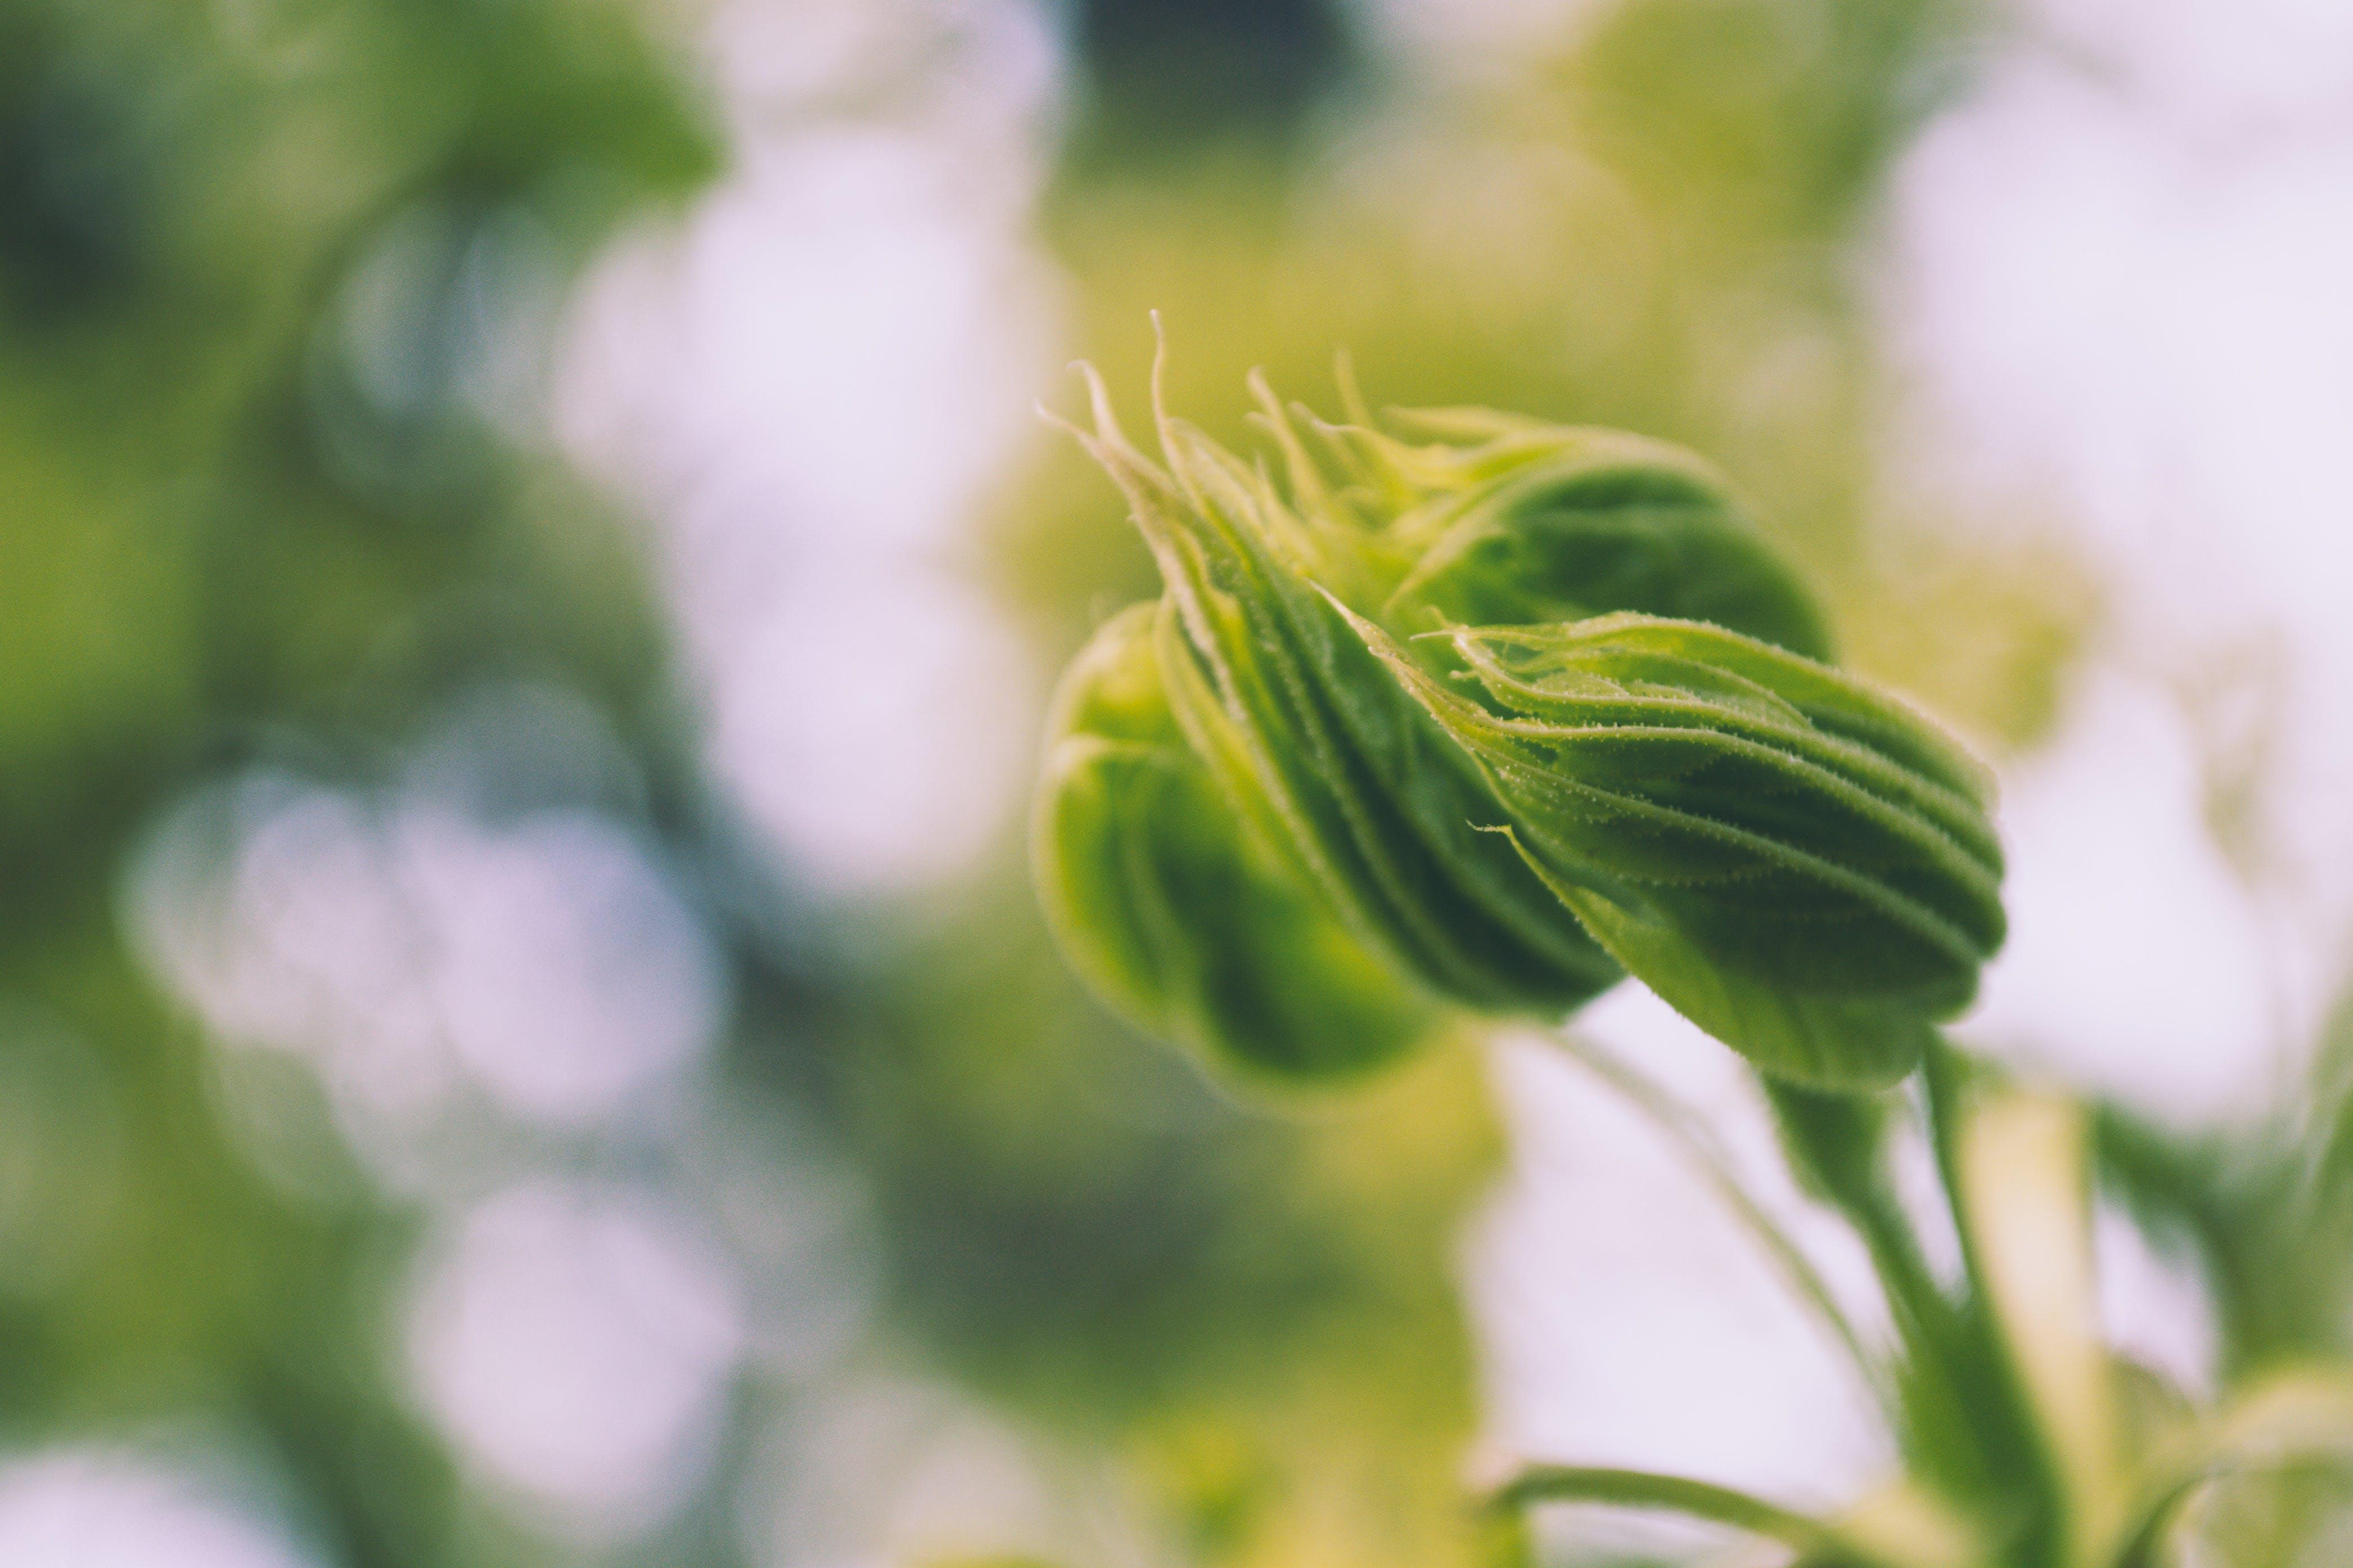 blur, close-up, dof